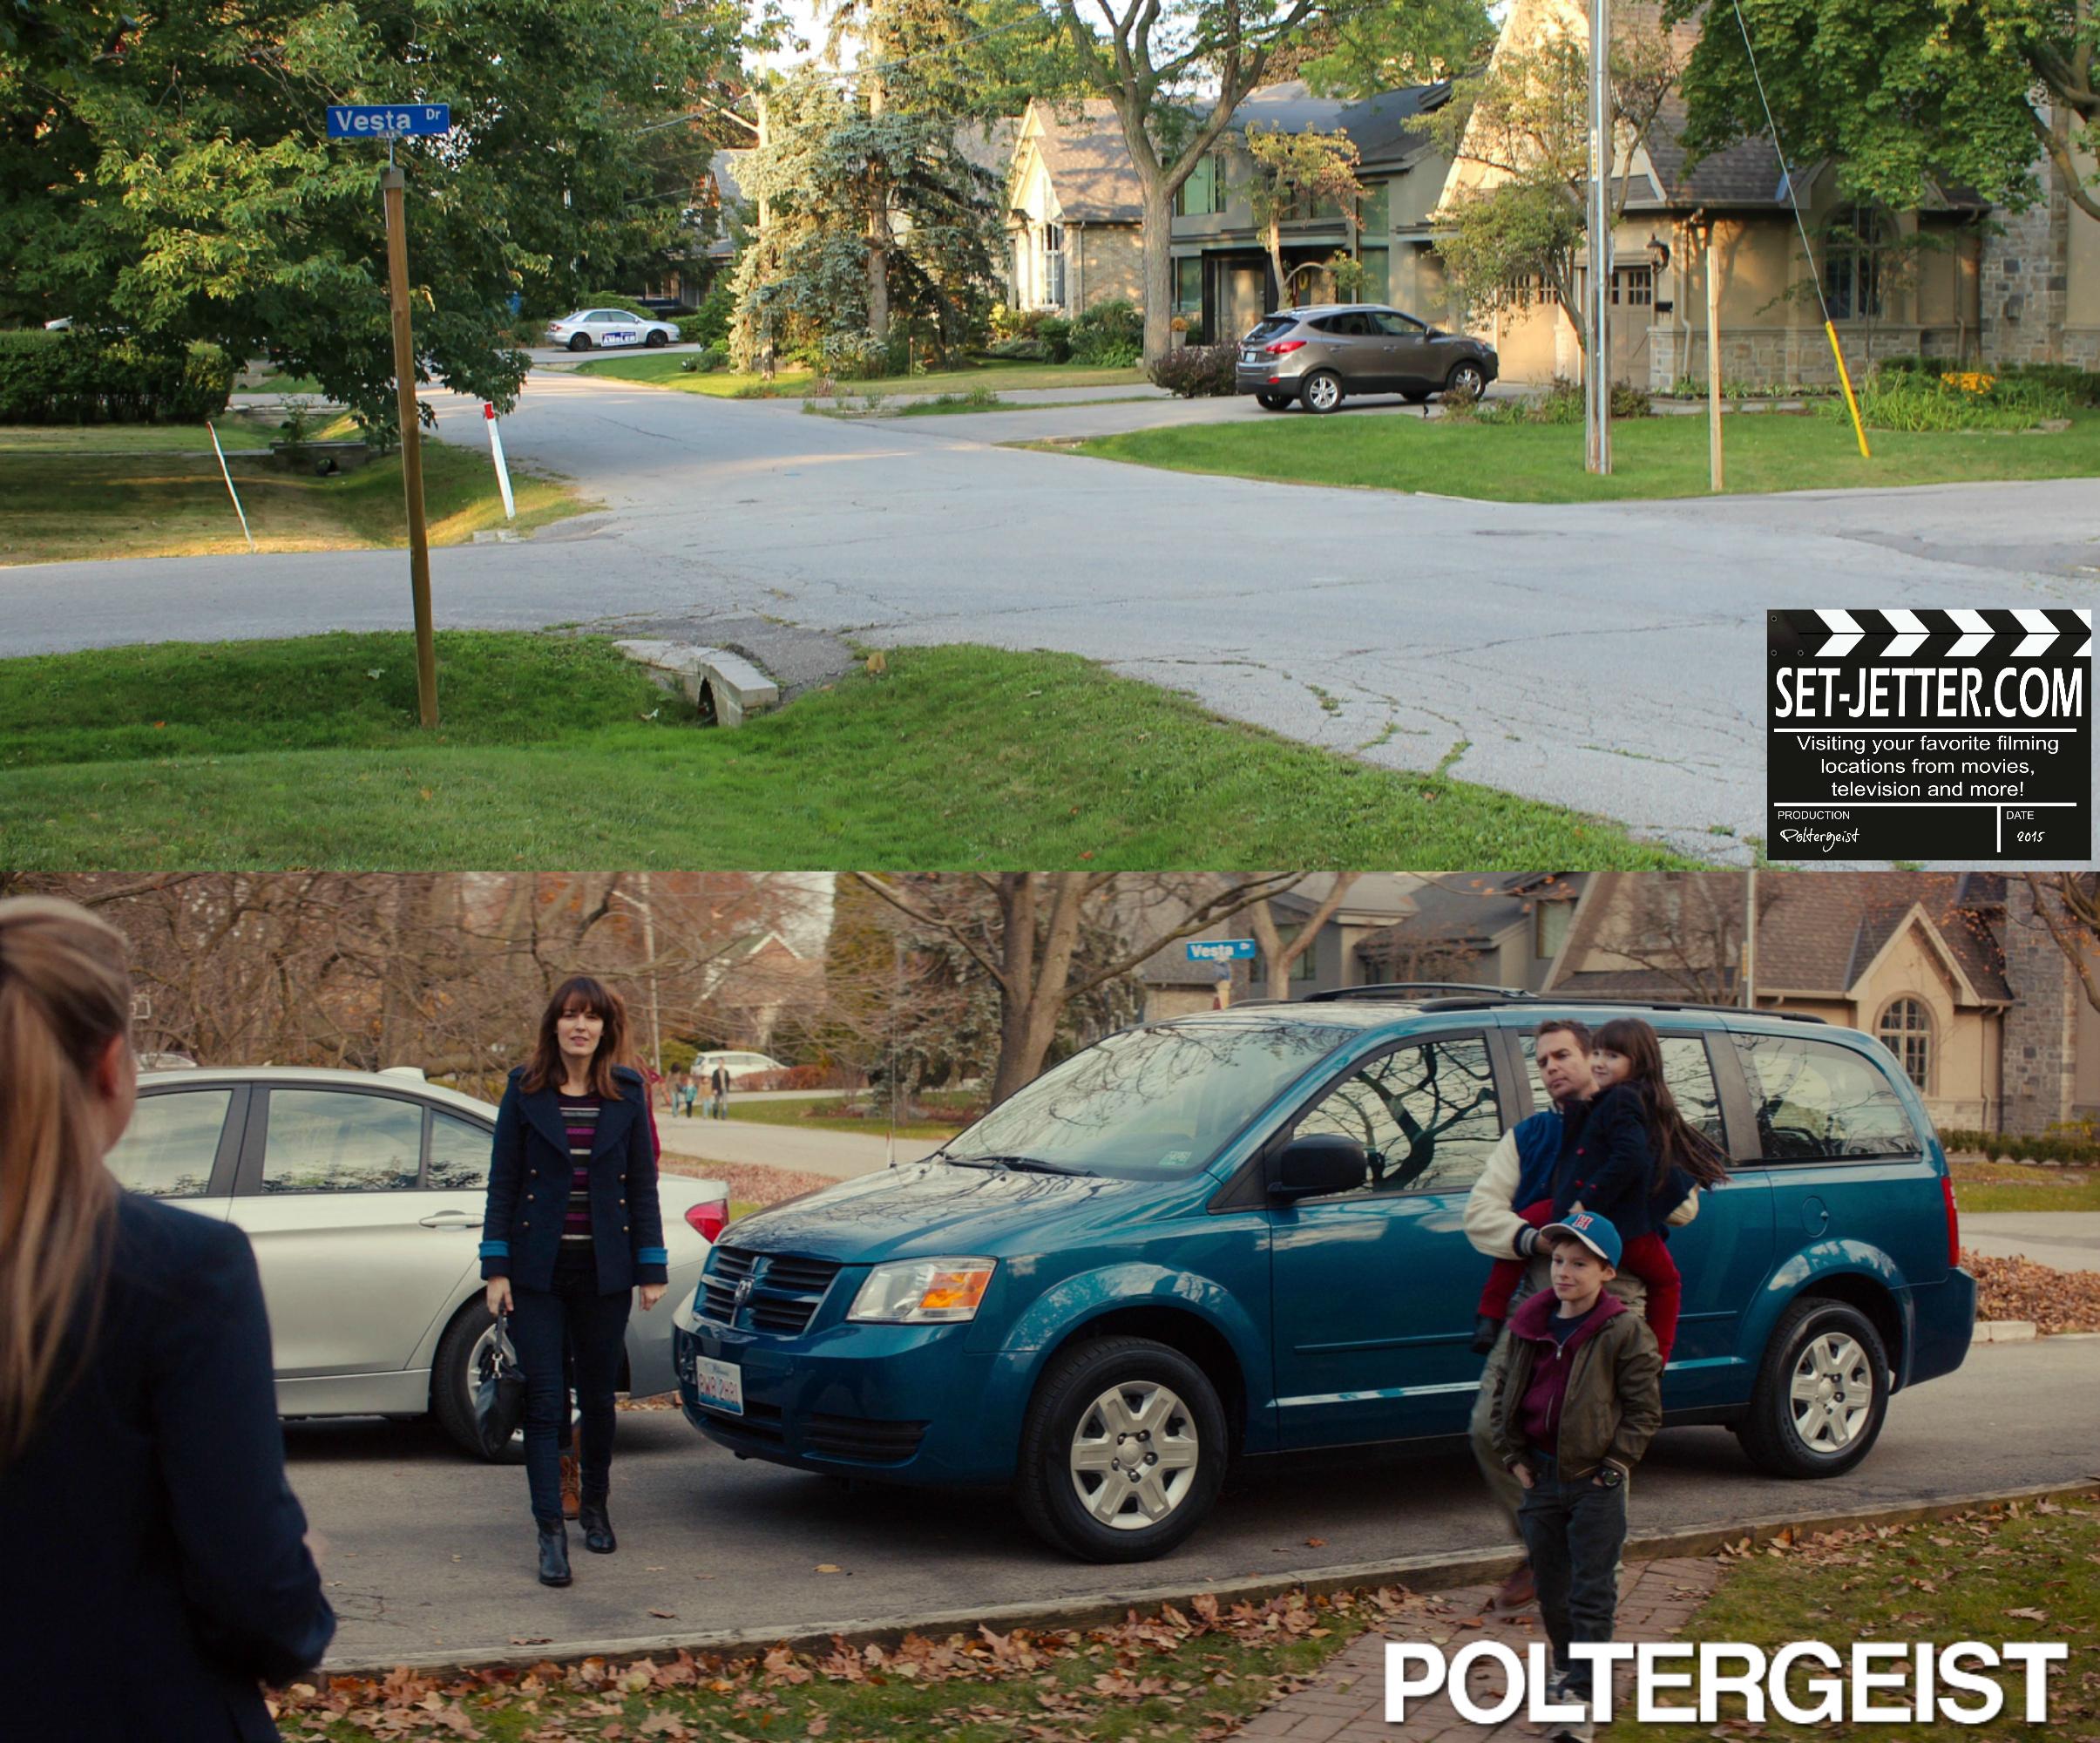 Poltergeist comparison 19.jpg